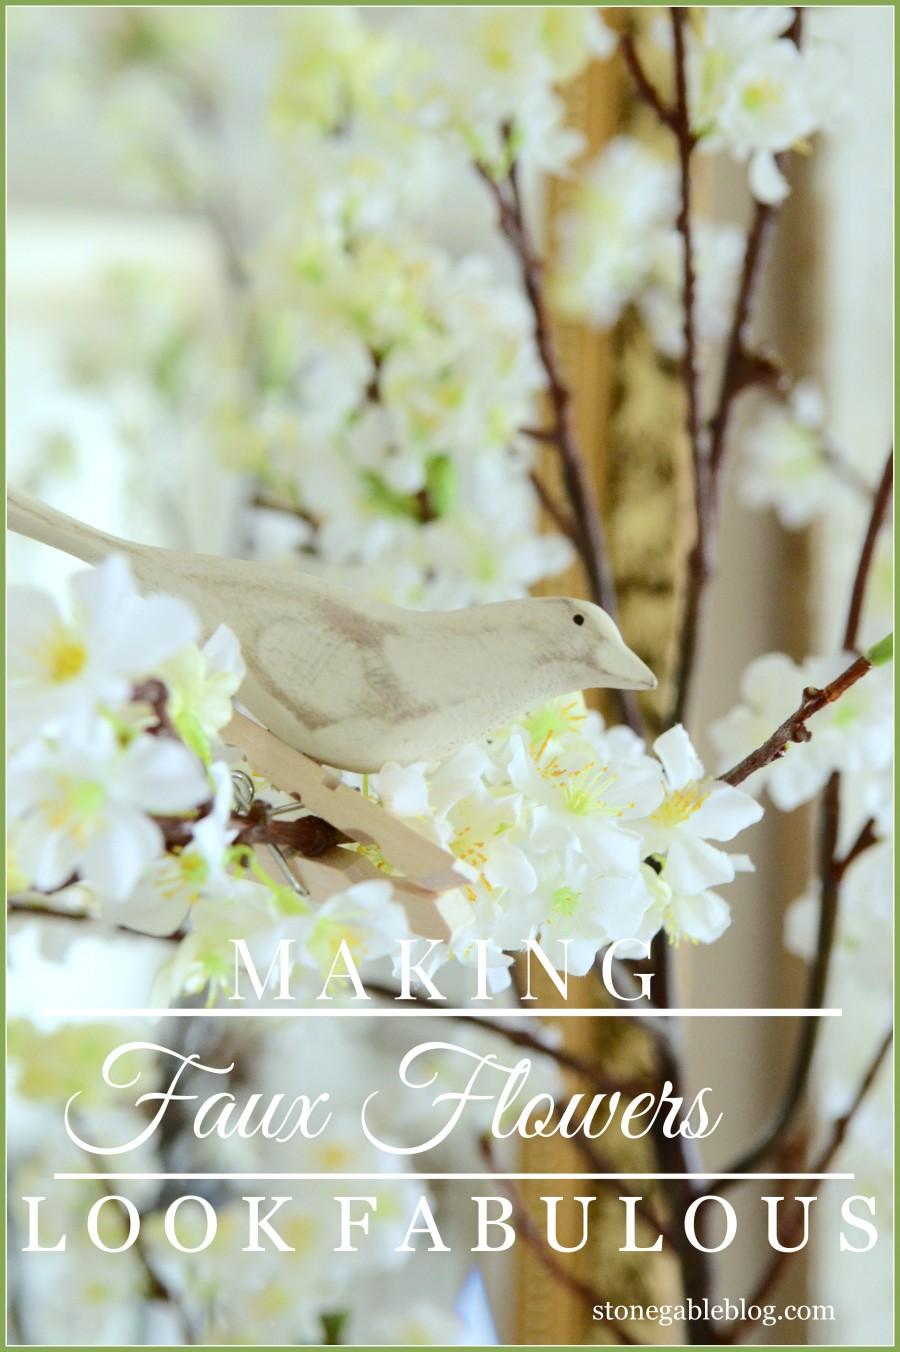 MAKING FAUX FLOWERS LOOK FABULOUS!